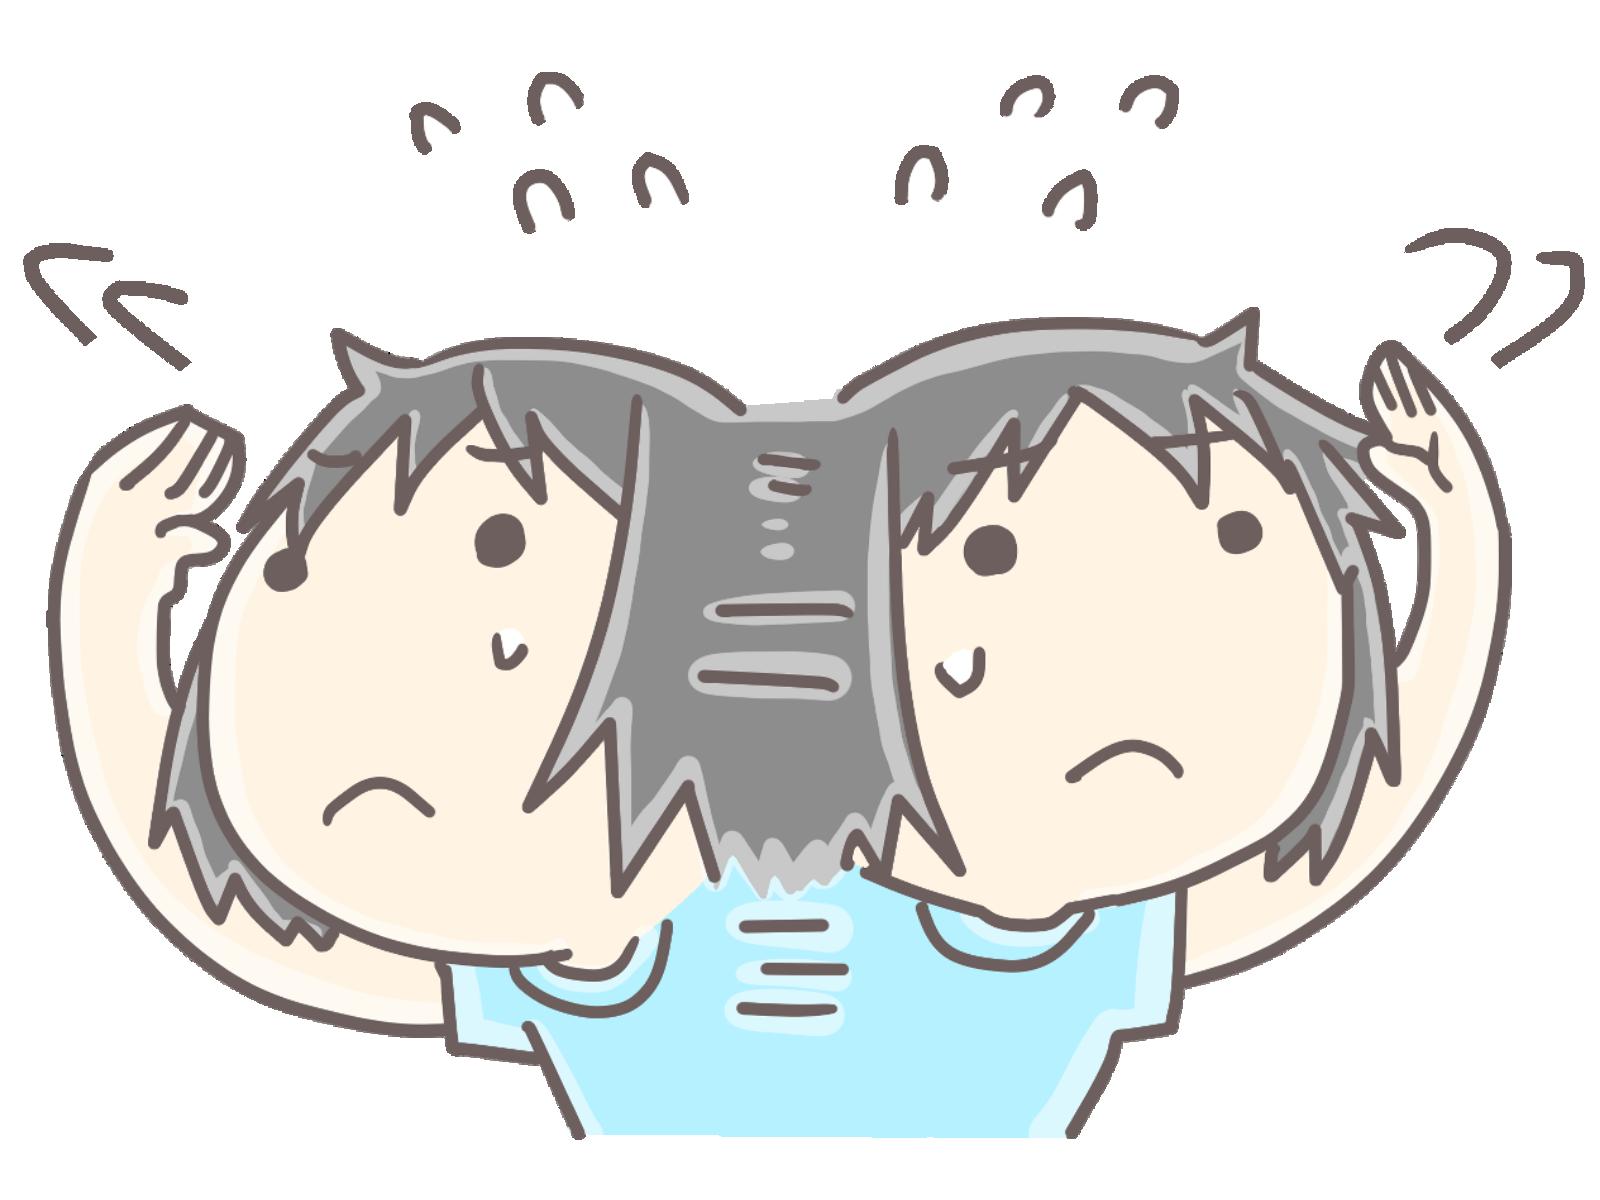 【オノマトペ】きょろきょろの意味と例文